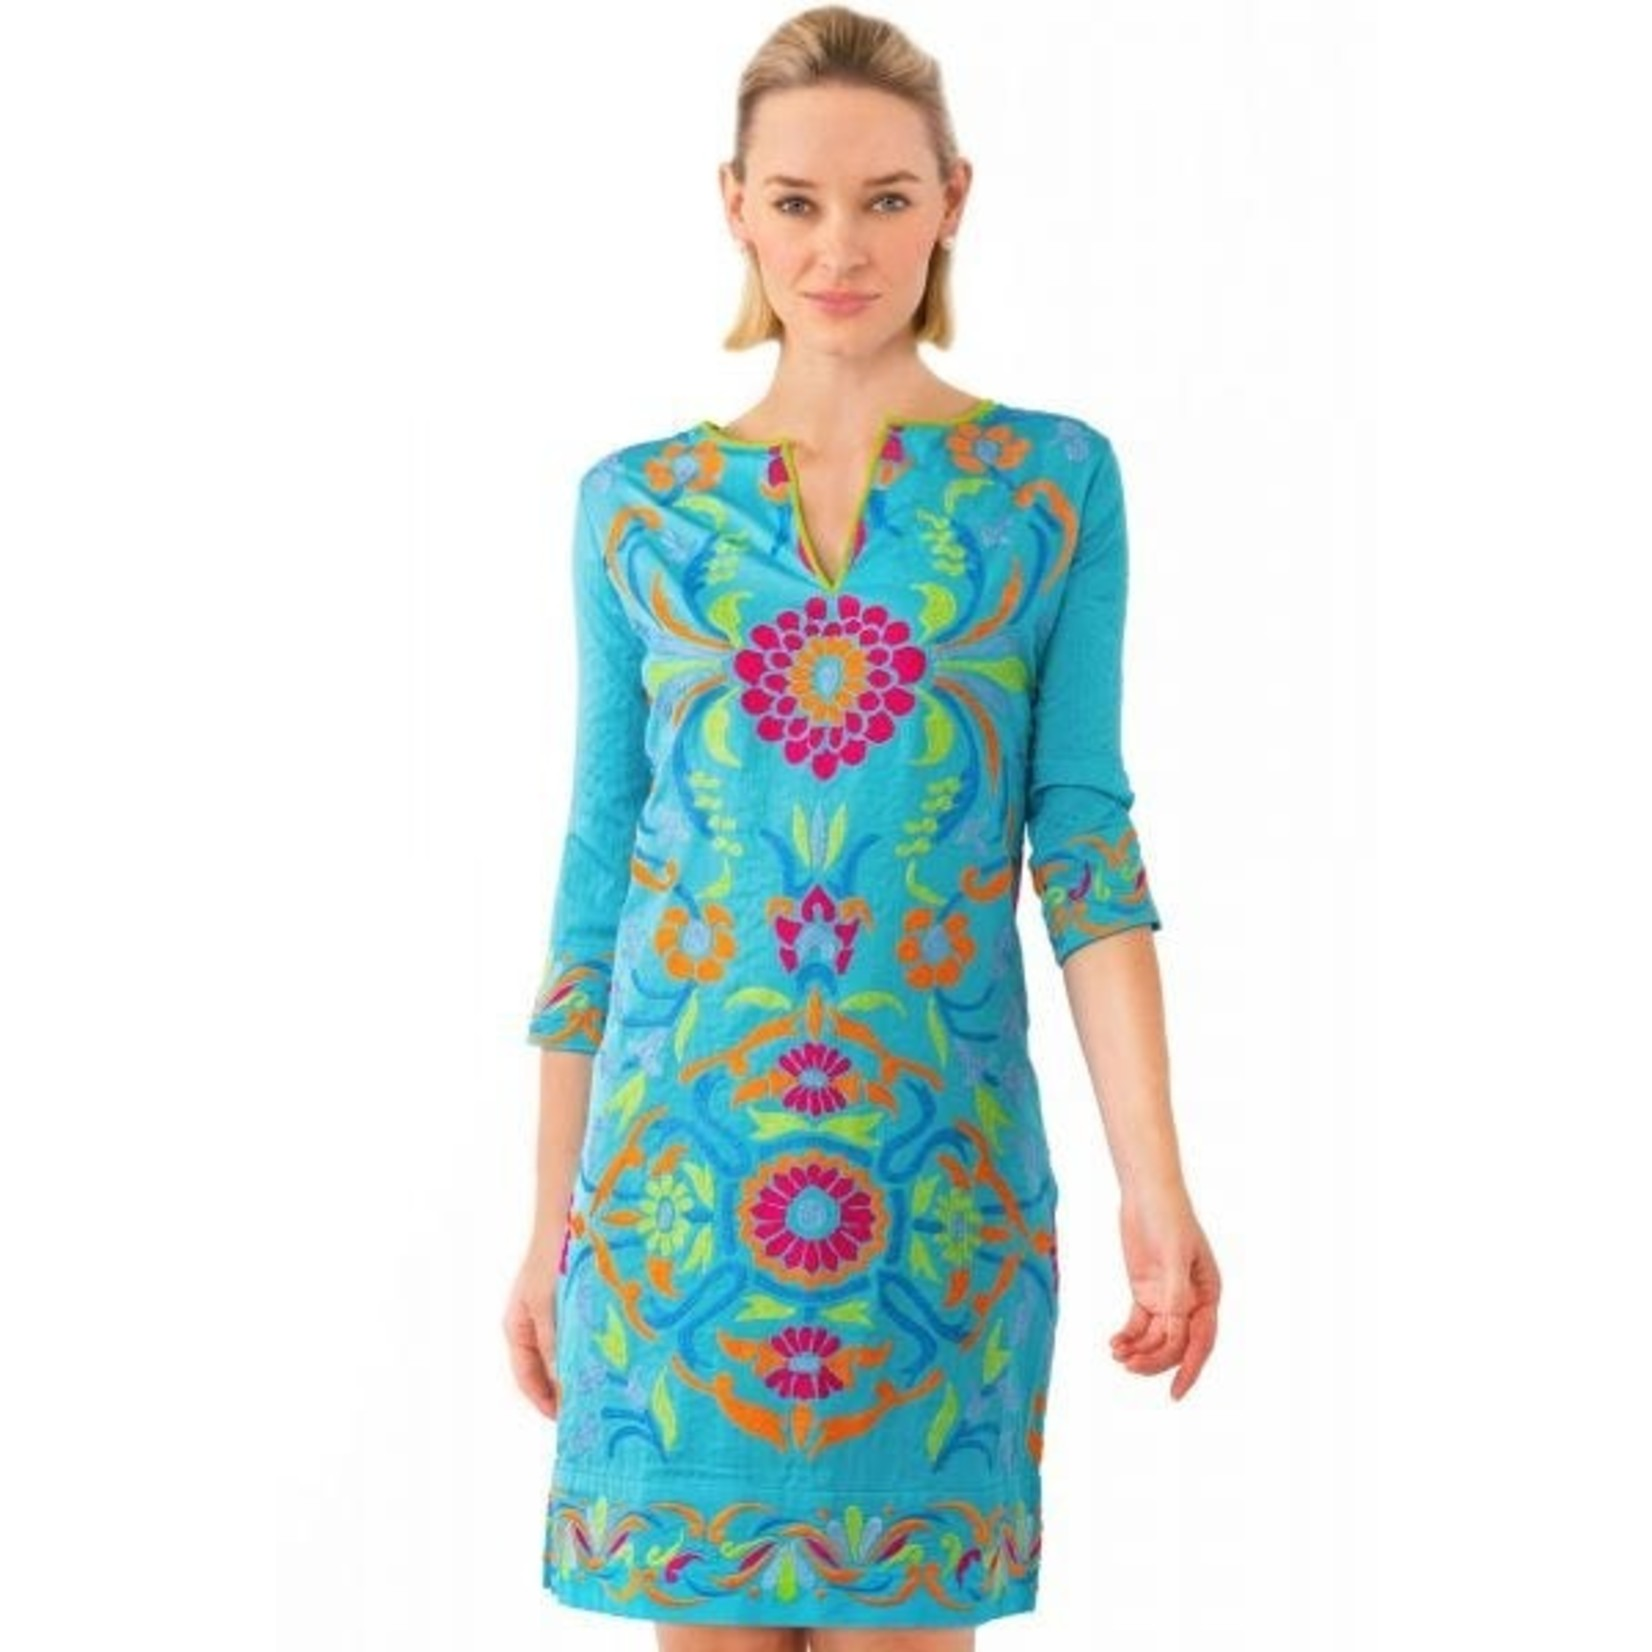 Gretchen Scott Gretchen Scott Embroidered Midori Dress